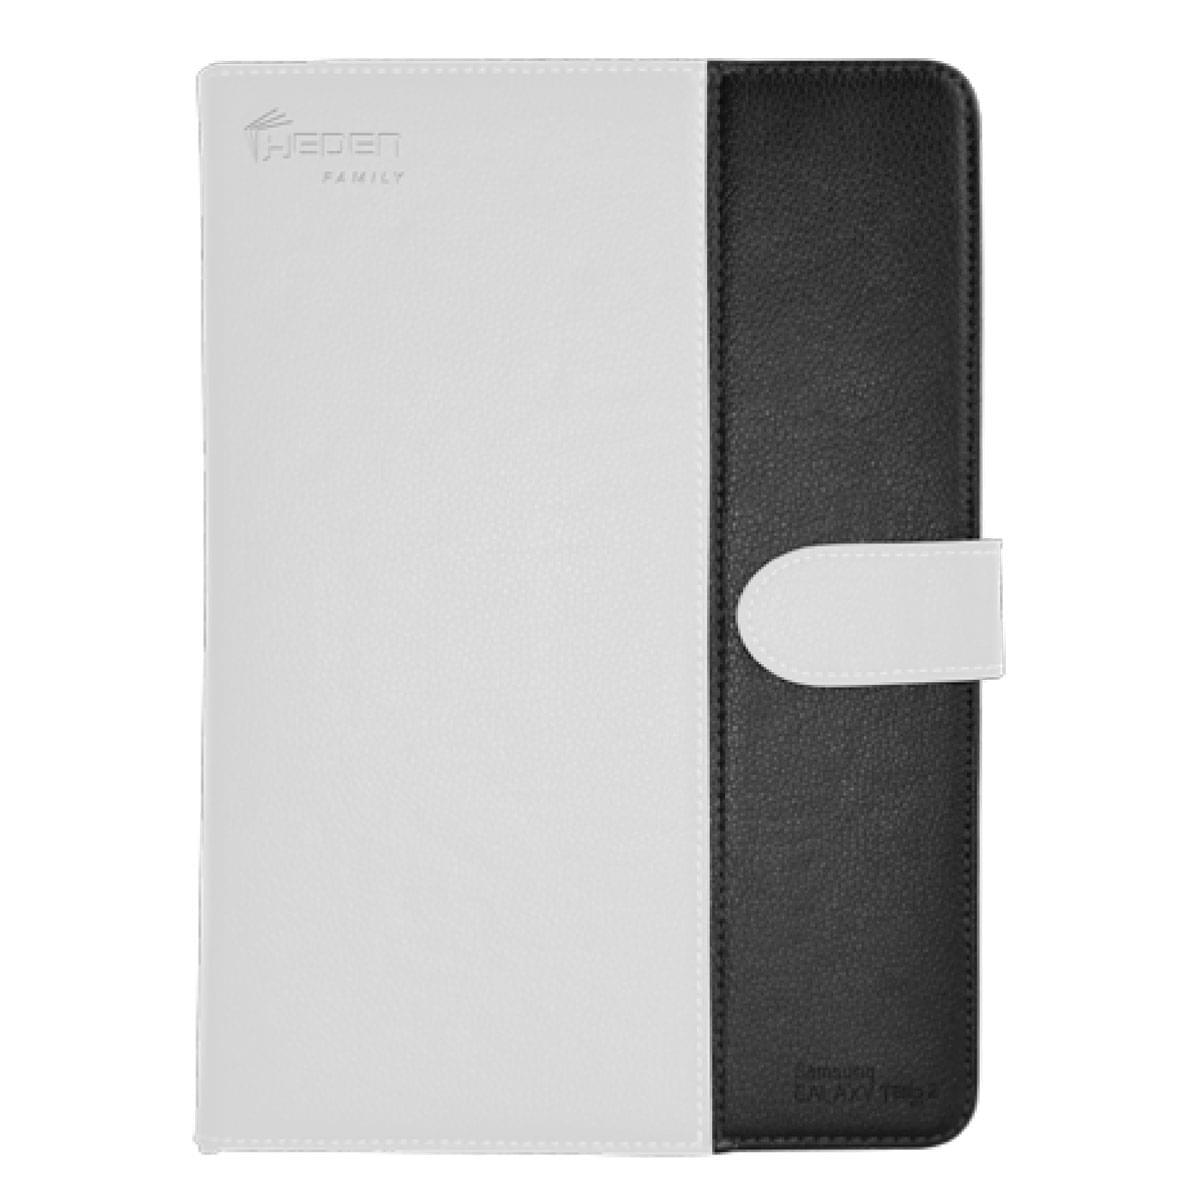 """Heden Housse Family Blanche Galaxy Tab 2 10.1"""" (ACCHSF10CW soldé) - Achat / Vente Accessoire Tablette sur Cybertek.fr - 0"""